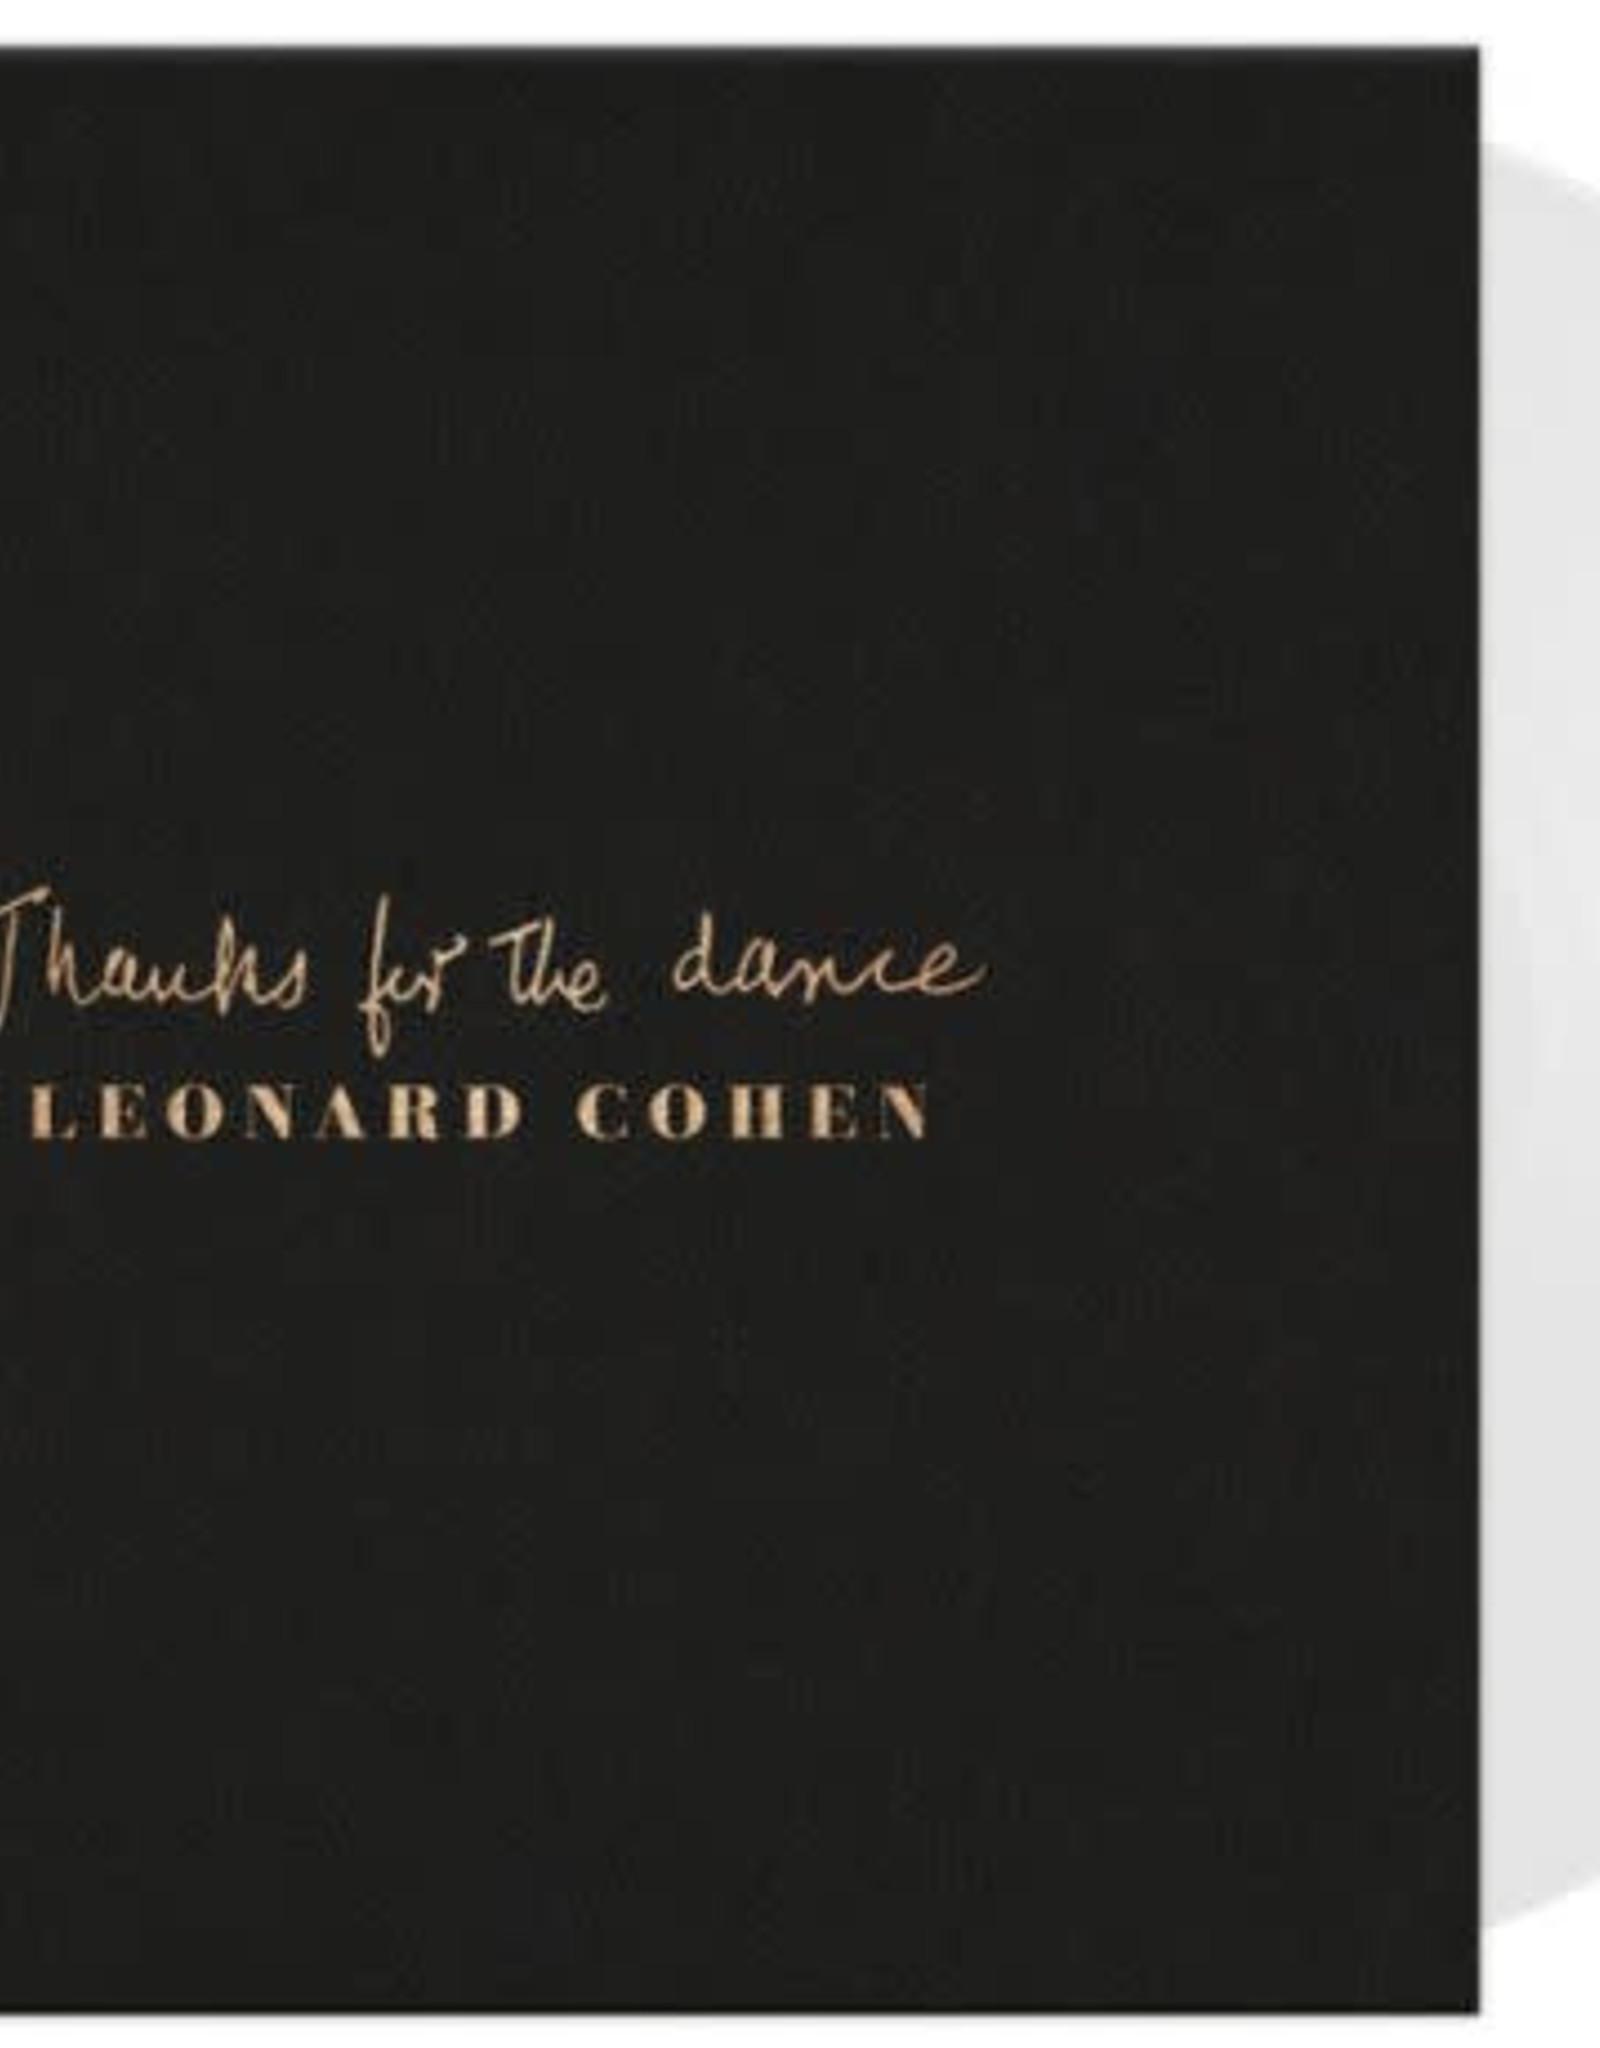 Leonard Cohen - Thanks for the Dance (White Vinyl)